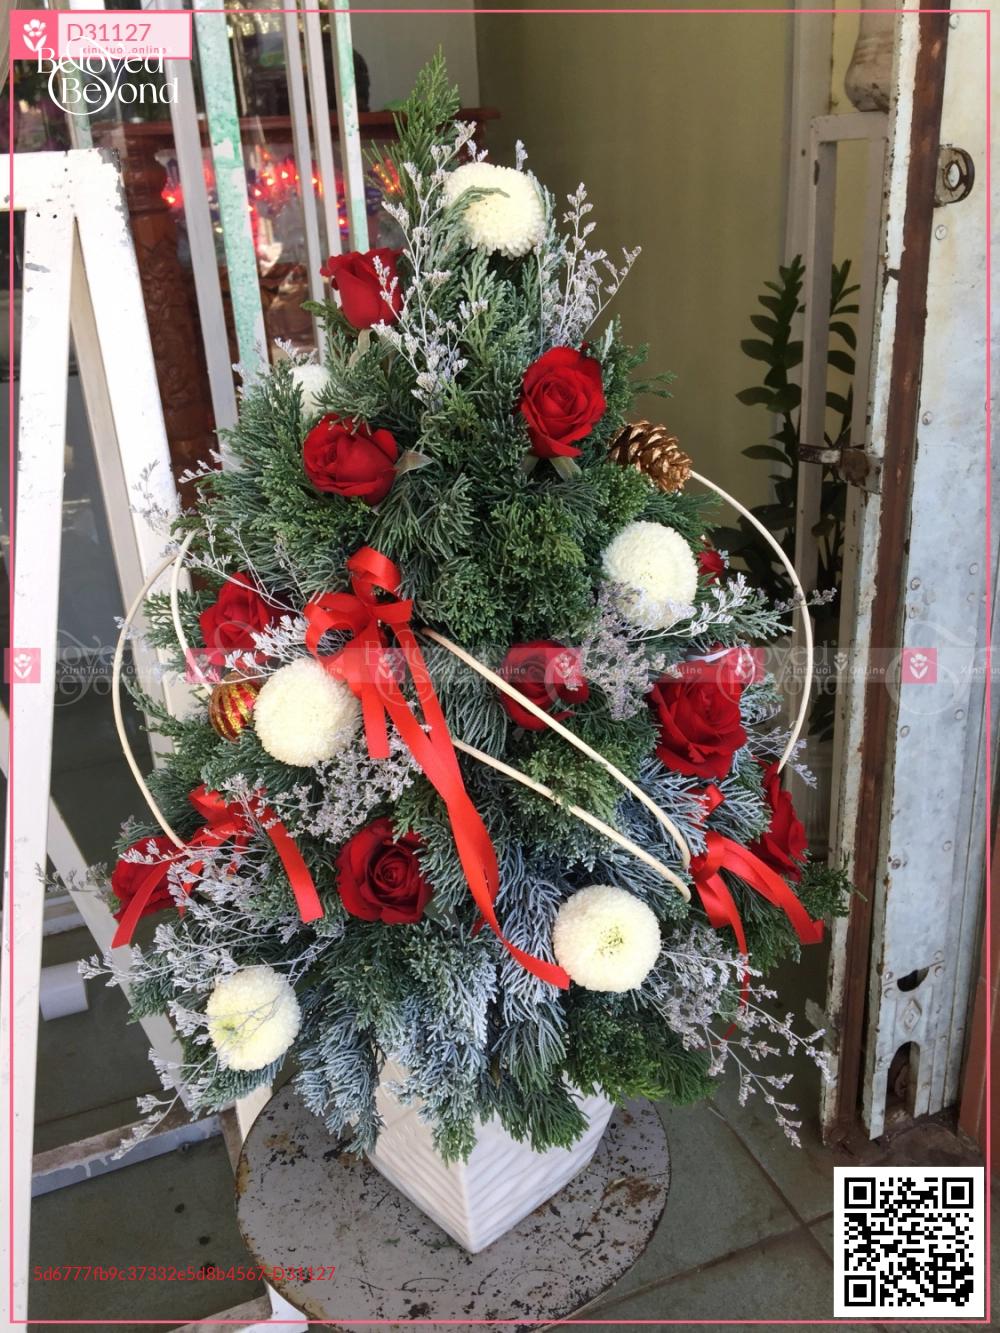 chậu thông noel bằng hoa lá tươi - D31127 - xinhtuoi.online